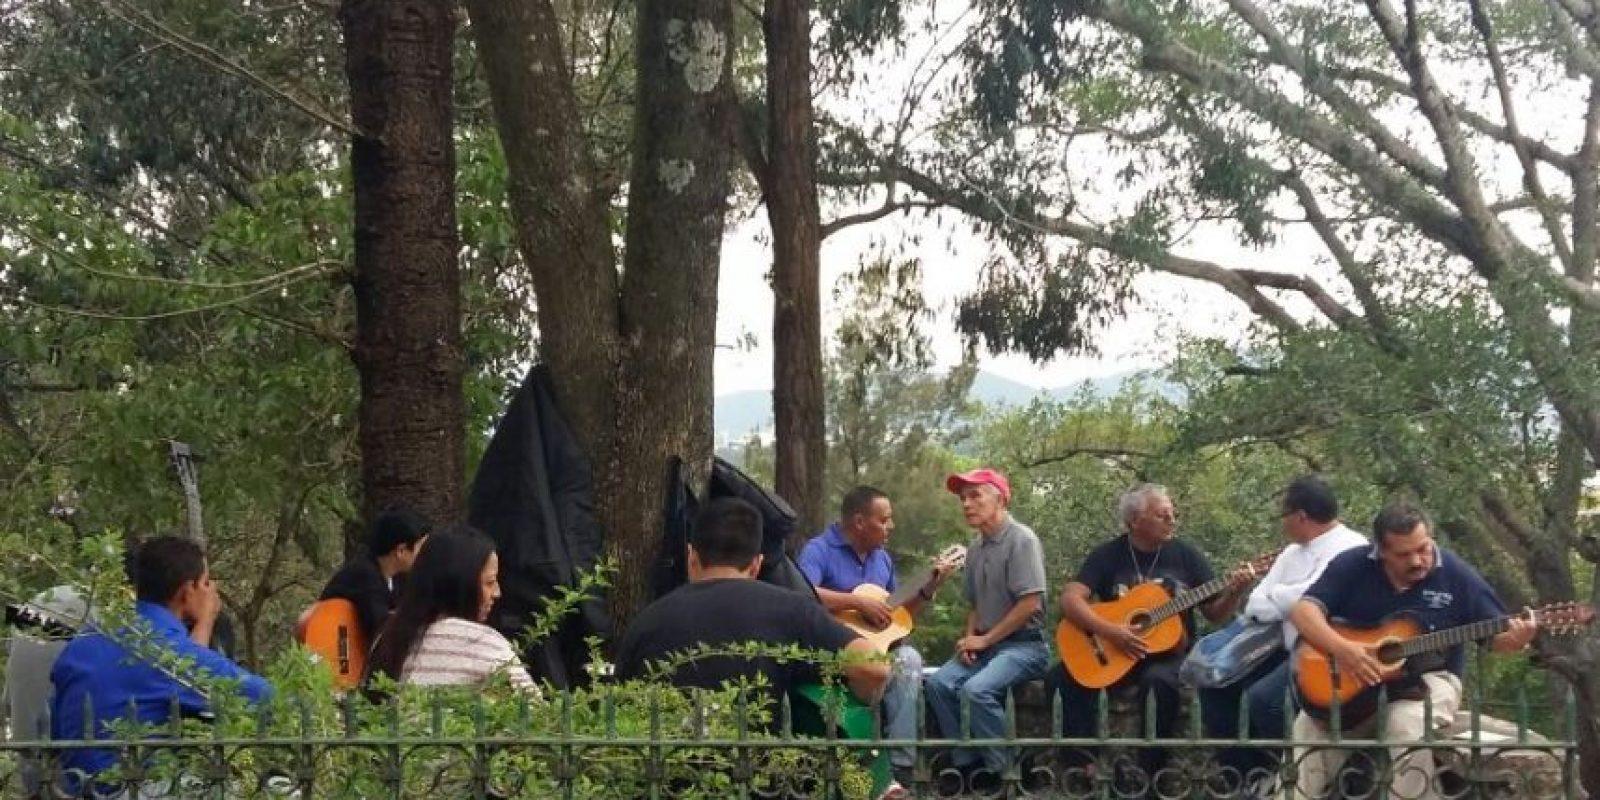 Grandes y chicos acuden al Cerrito del Carmen para recibir clases de guitarra. Foto:Esvin López